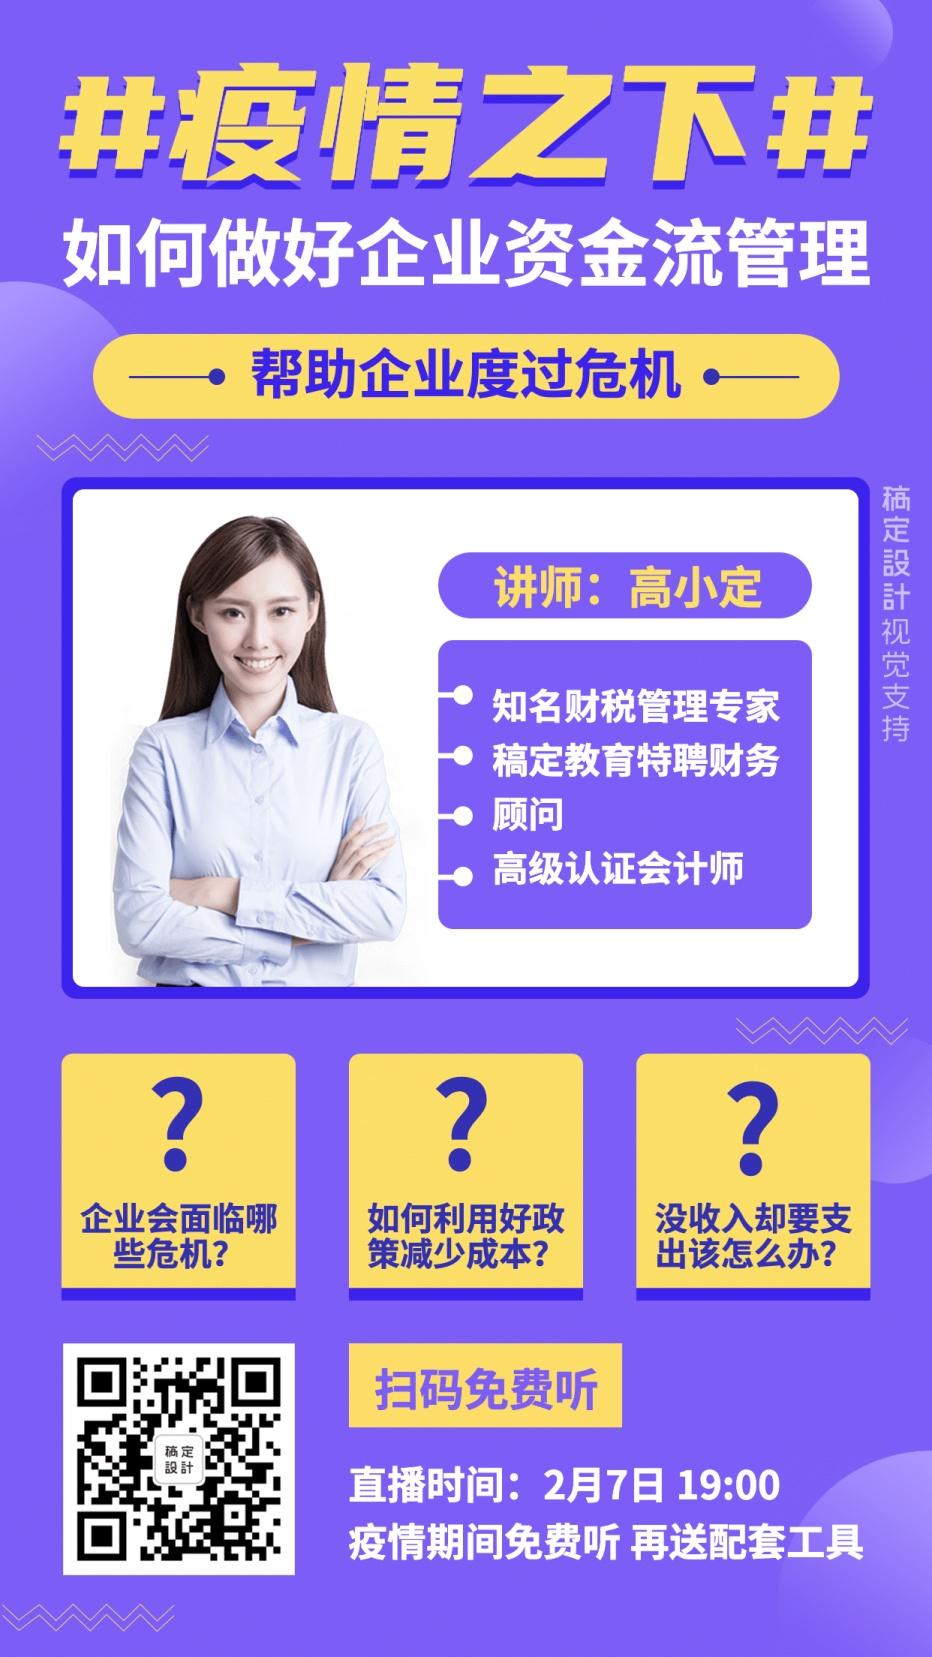 武汉疫情企业转型课程宣传海报